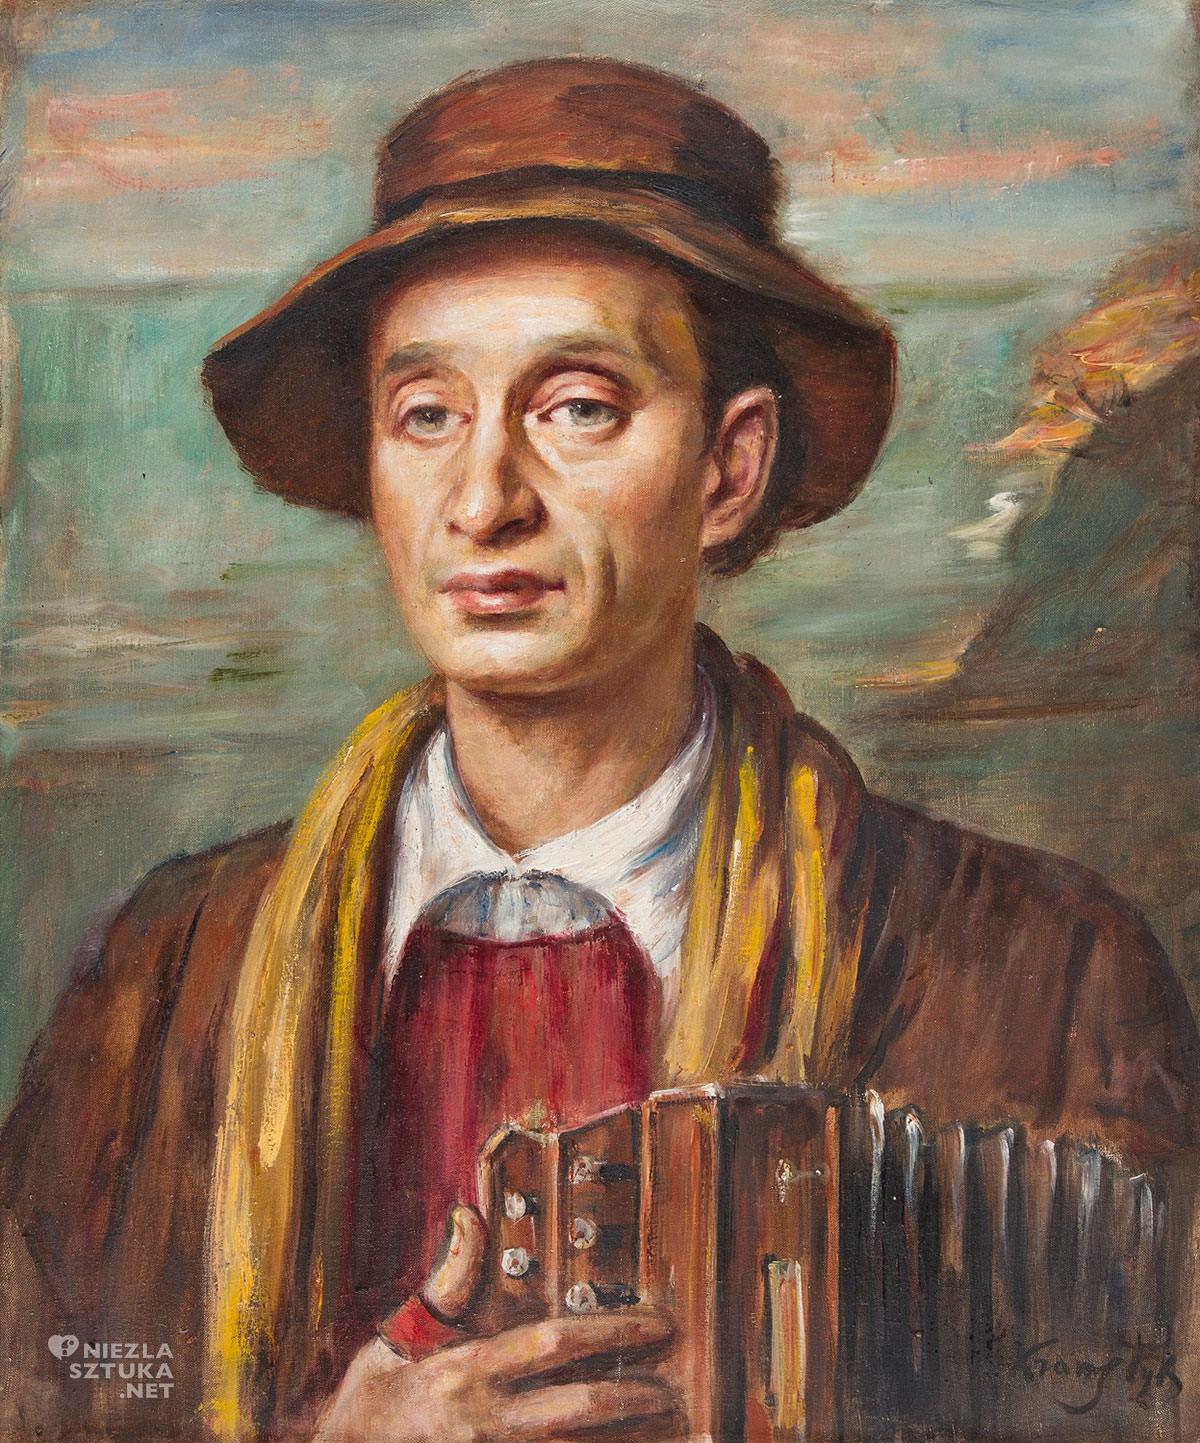 Roman Kramsztyk, Portret Leona Weissberga, Villa La Fleur, portret, Niezła Sztuka, sztuka polska, Ecole de Paris